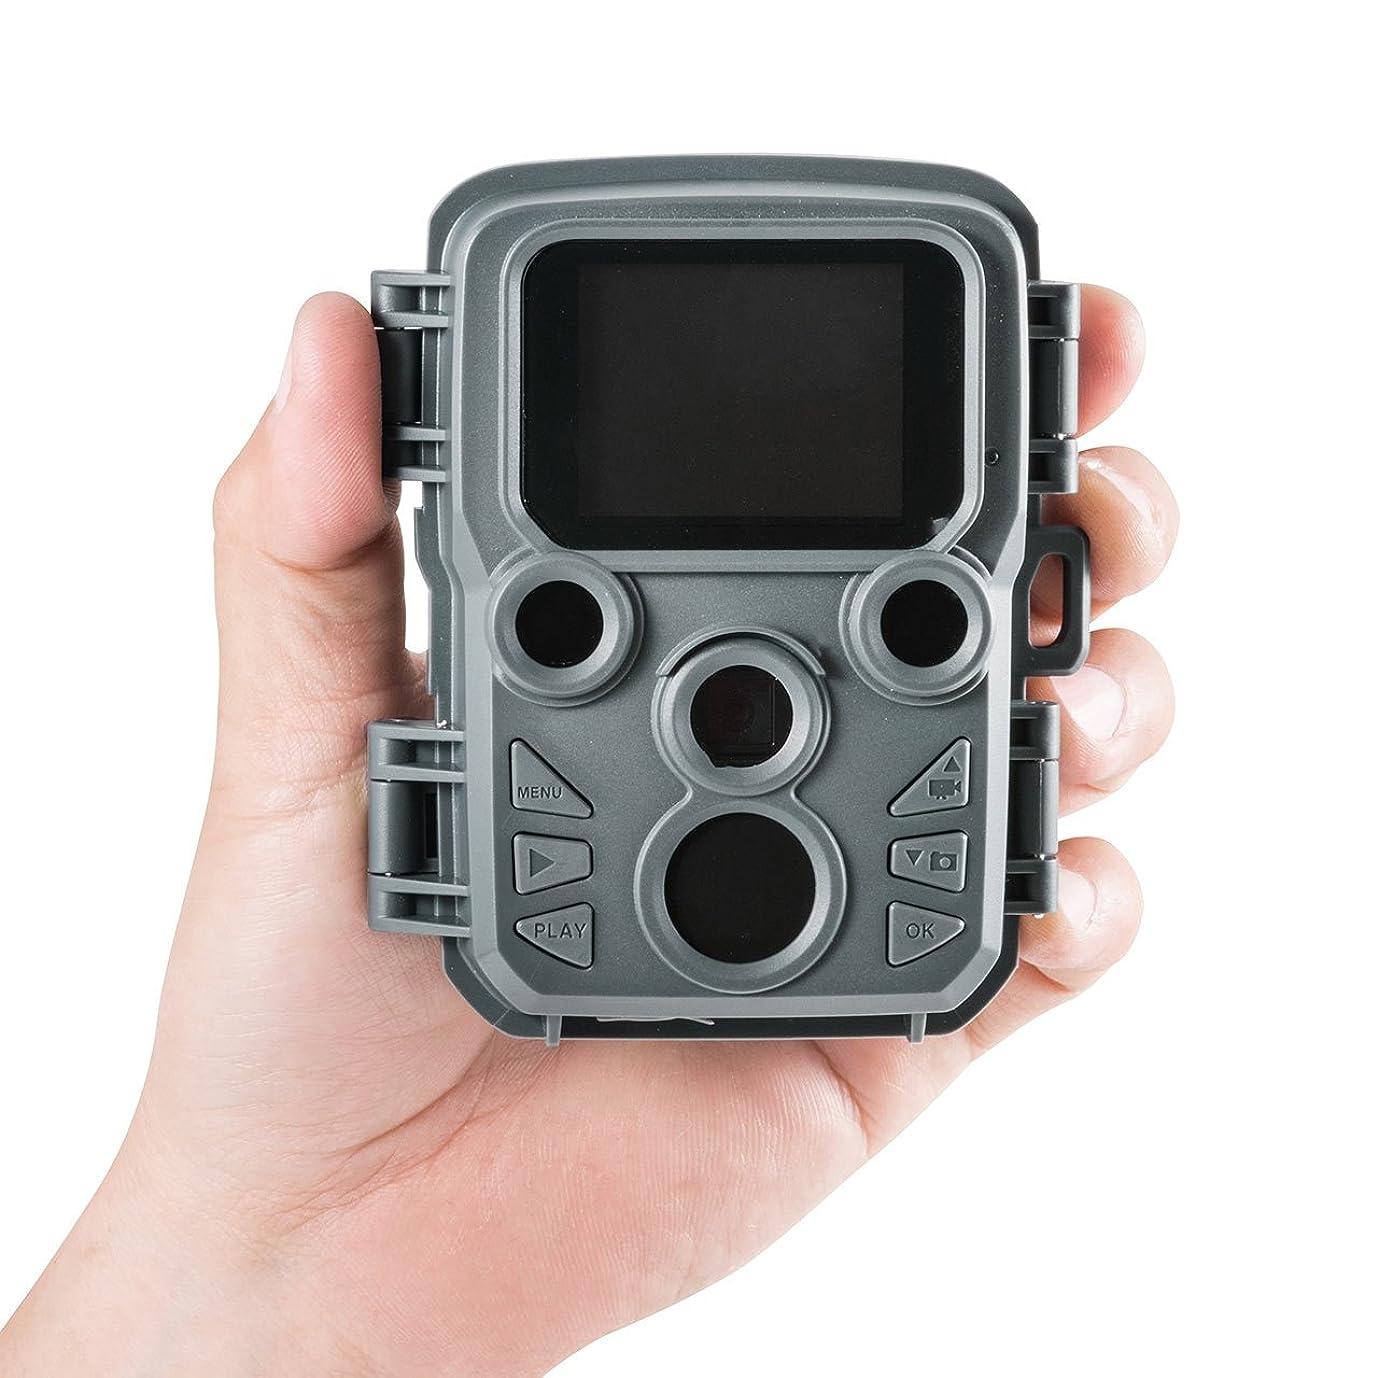 納税者スケジュール法的サンワダイレクト 防犯カメラ 小型 電池式 防水防塵IP56 写真 動画 自動撮影 70°検知 トレイルカメラ 400-CAM066